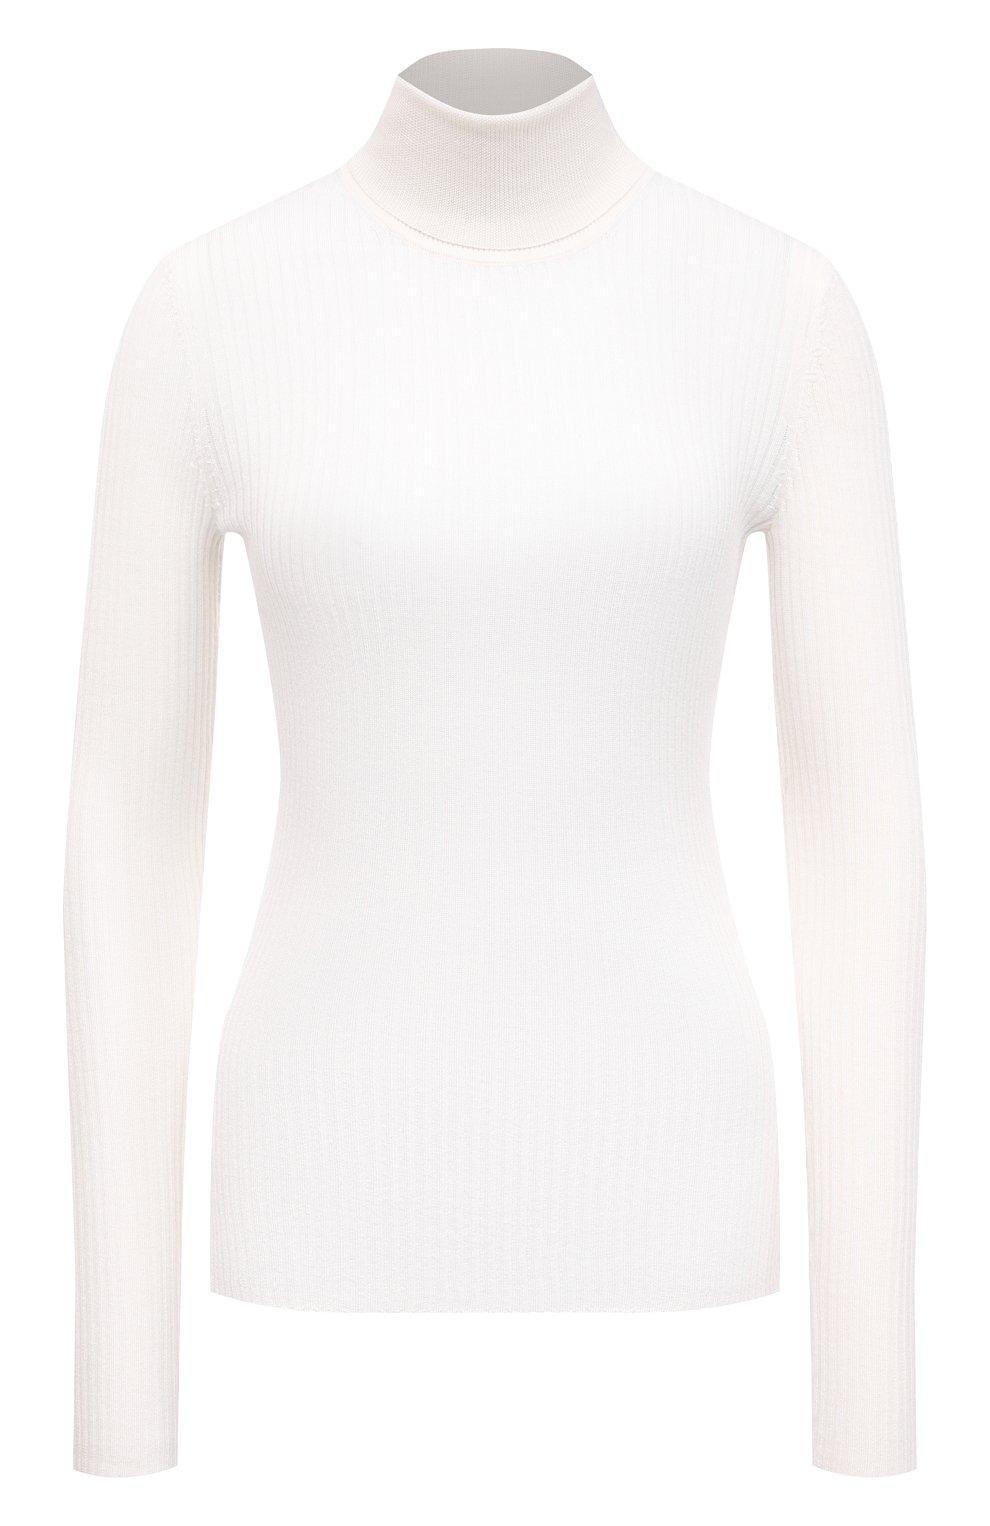 Женская водолазка из кашемира и шелка GABRIELA HEARST белого цвета, арт. 321906 A003C   Фото 1 (Женское Кросс-КТ: Водолазка-одежда; Материал внешний: Шерсть, Шелк, Кашемир; Рукава: Длинные; Длина (для топов): Стандартные; Стили: Кэжуэл)